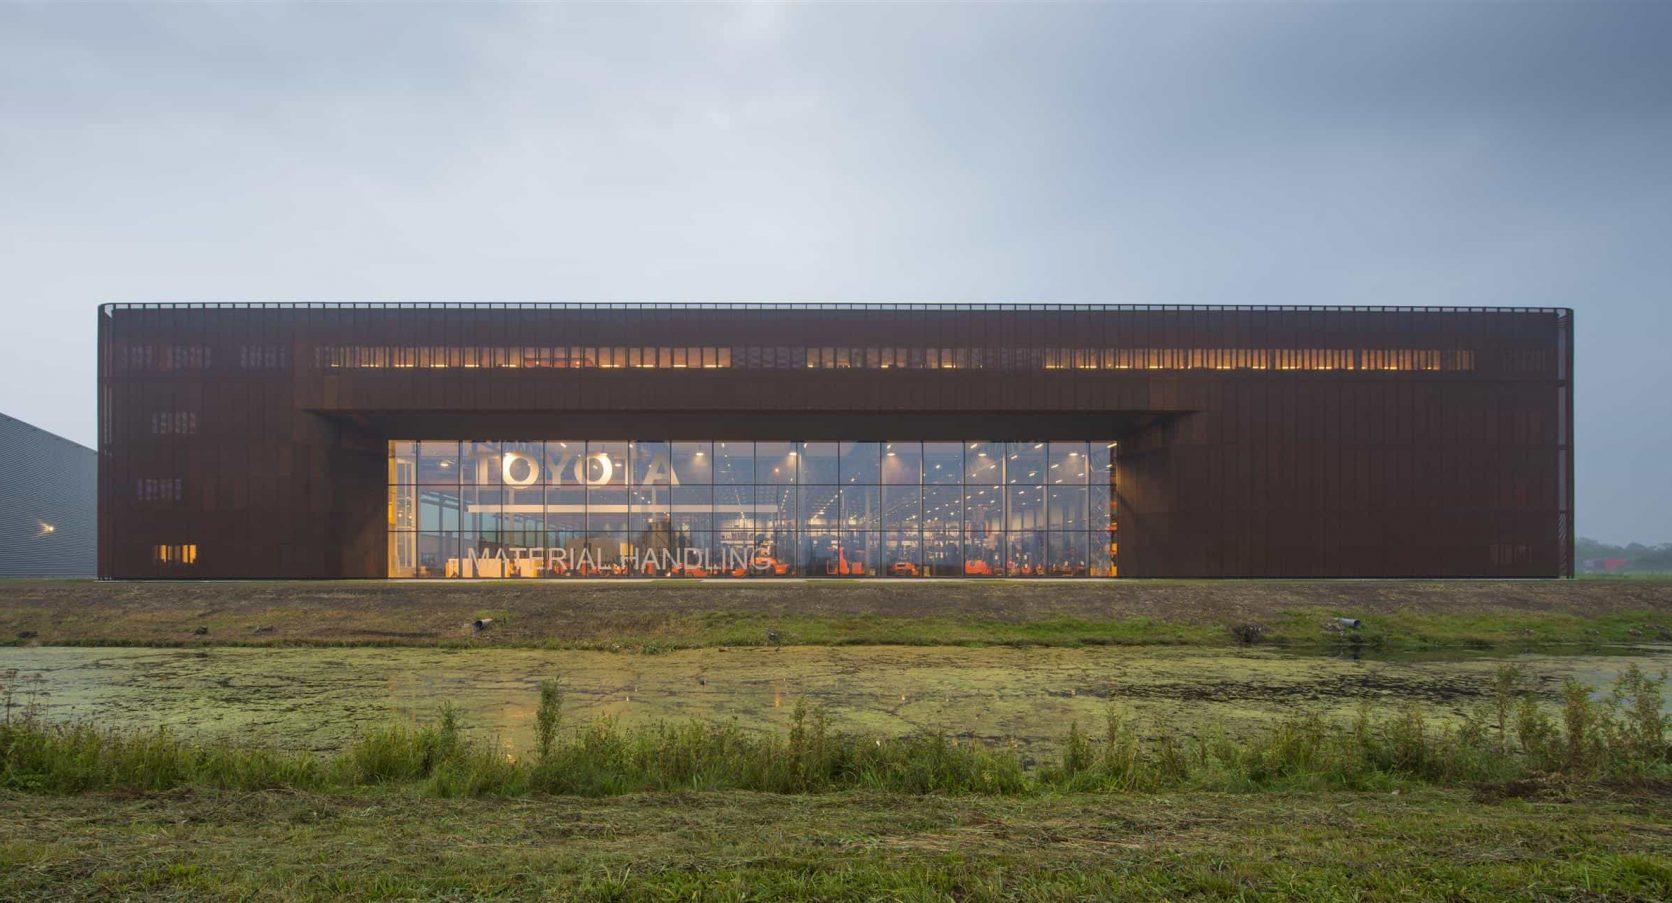 Gevelbekleding van cortenstaal bij Toyota Material Handling in Ede is ontworpen door Rempt van der Donk architectuur